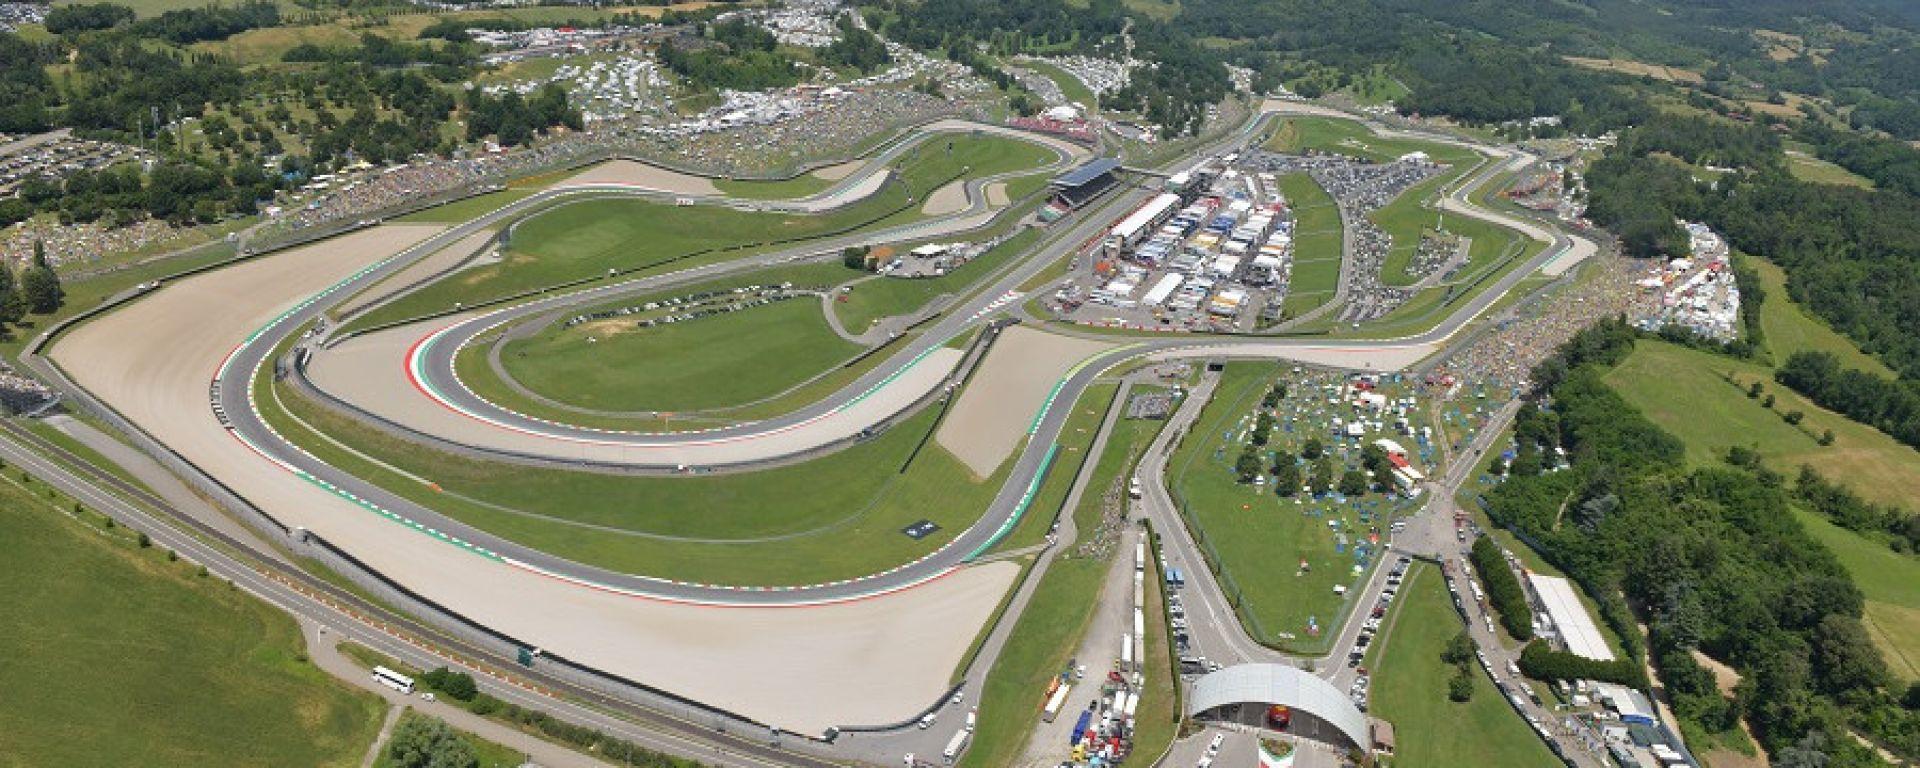 Mugello lancia la sfida a Monza per il GP Italia